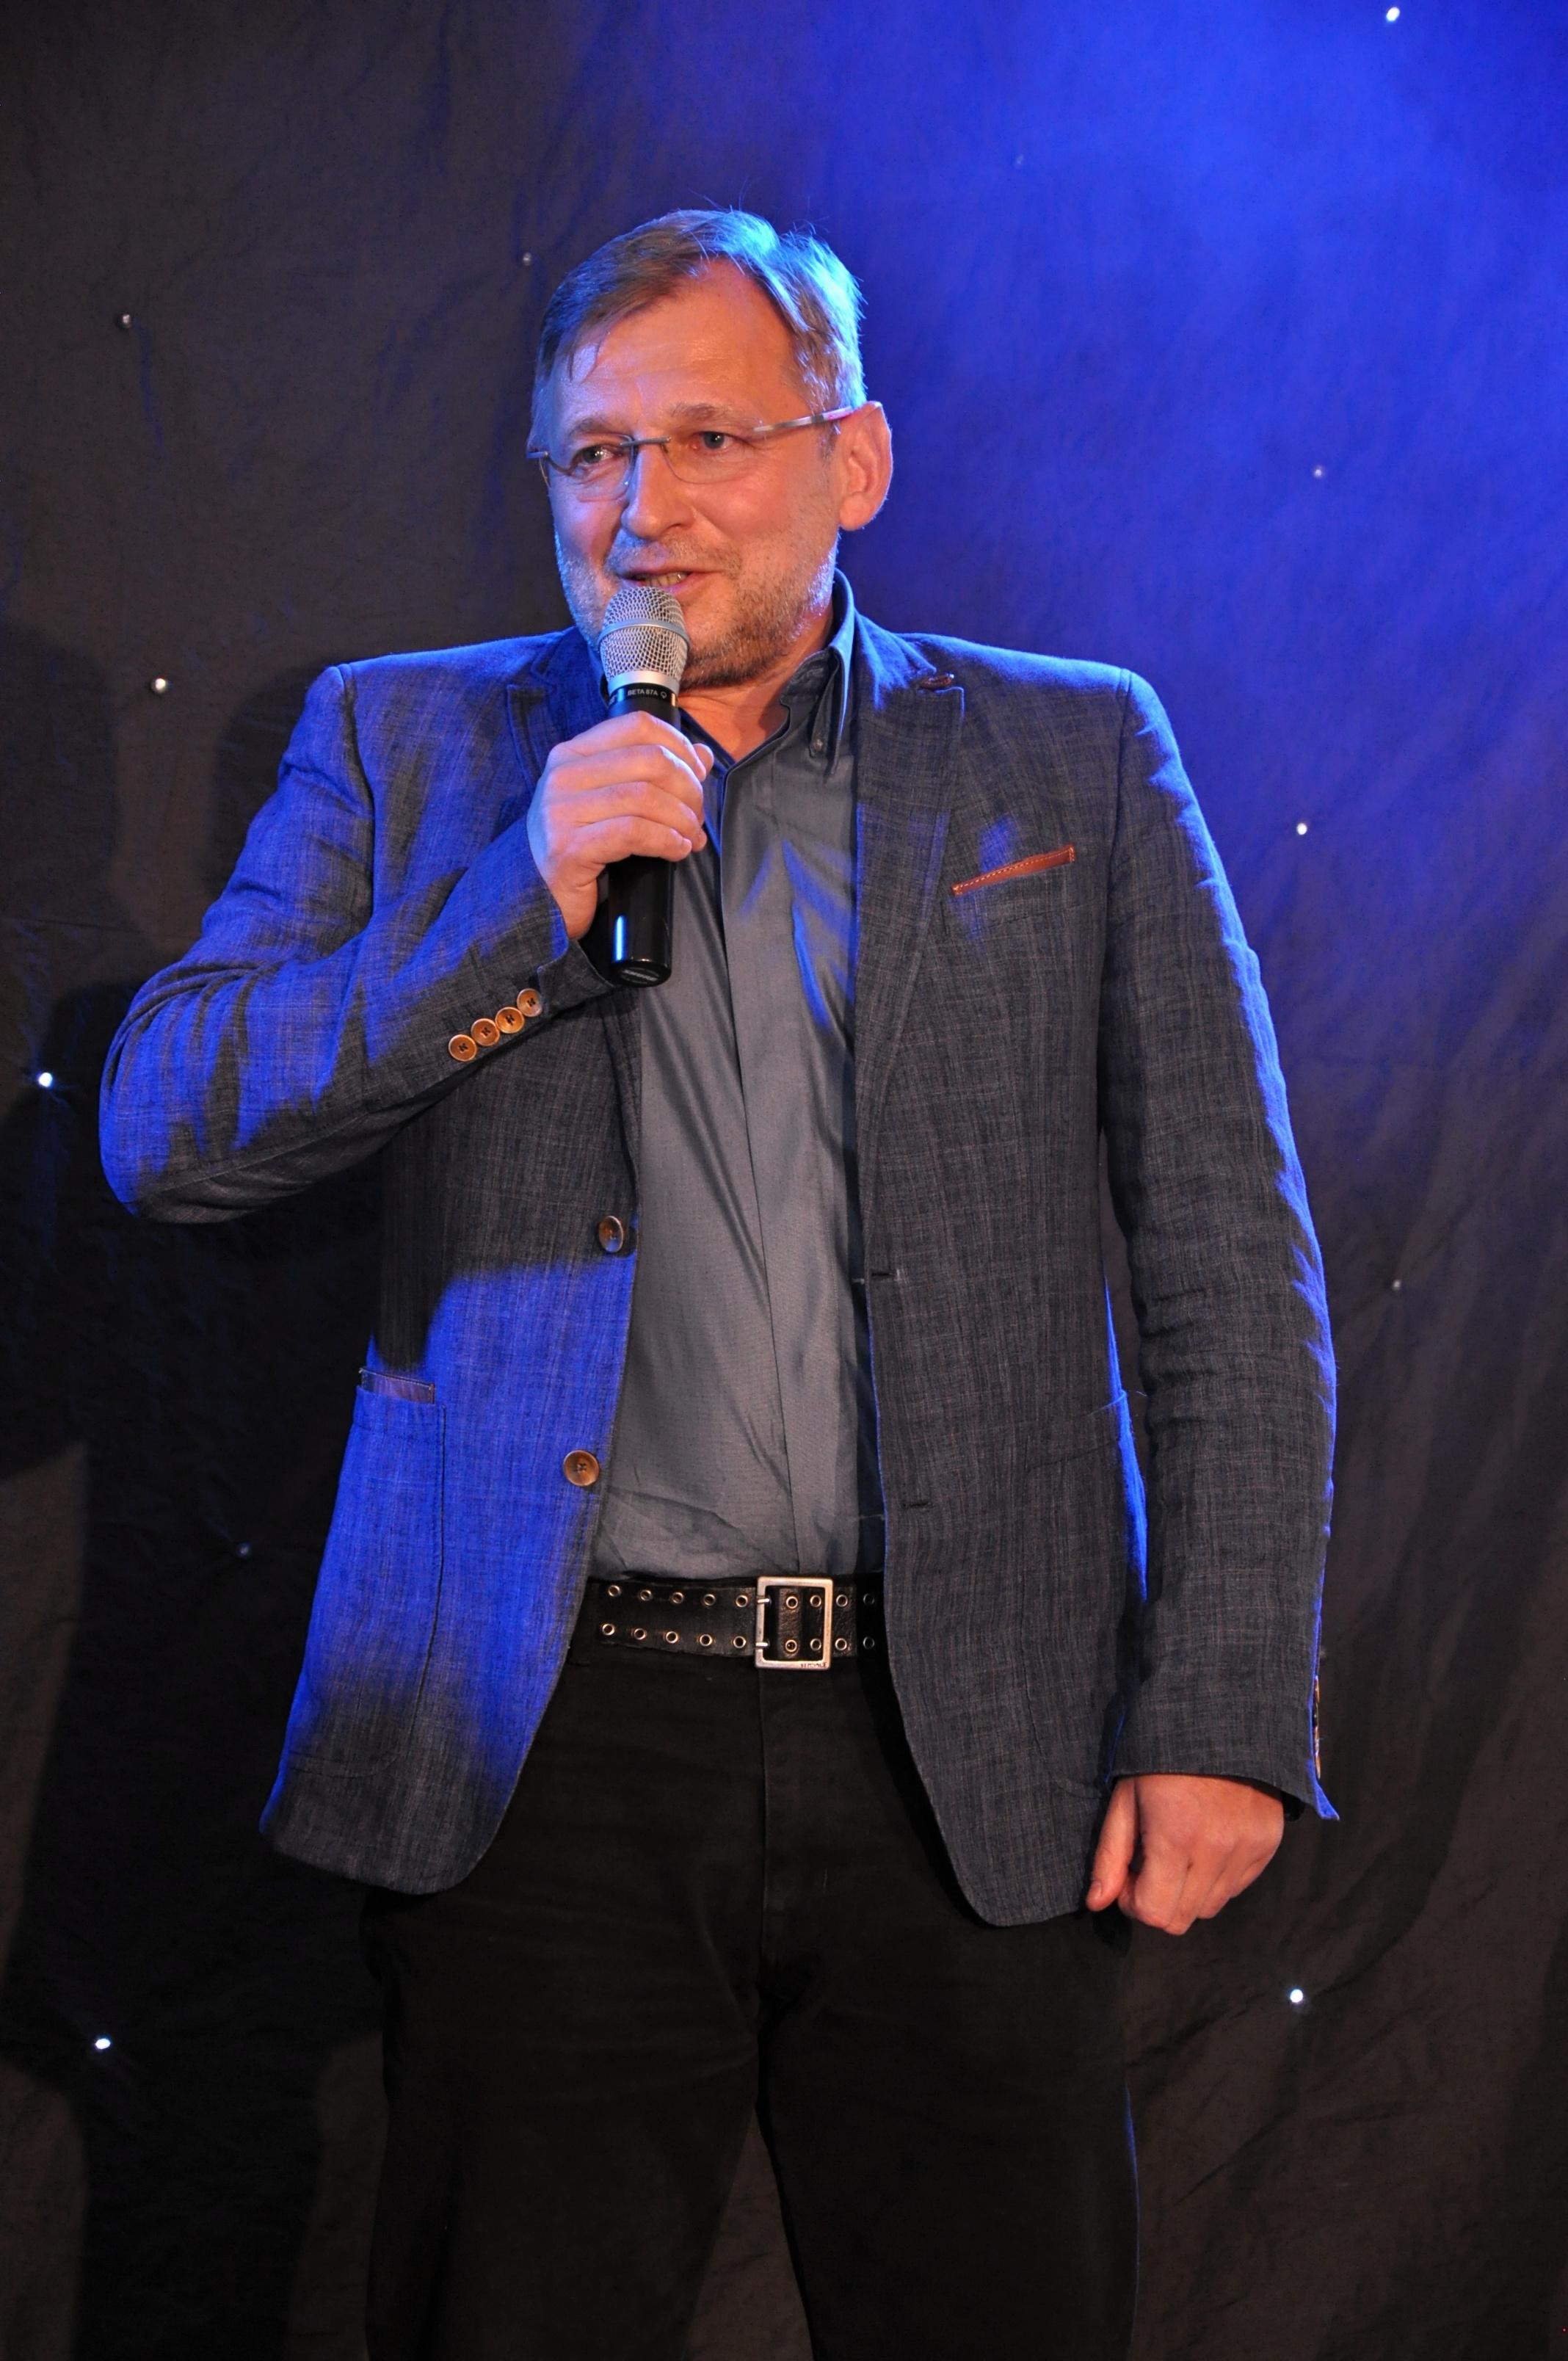 Petr_Průša_Photo094